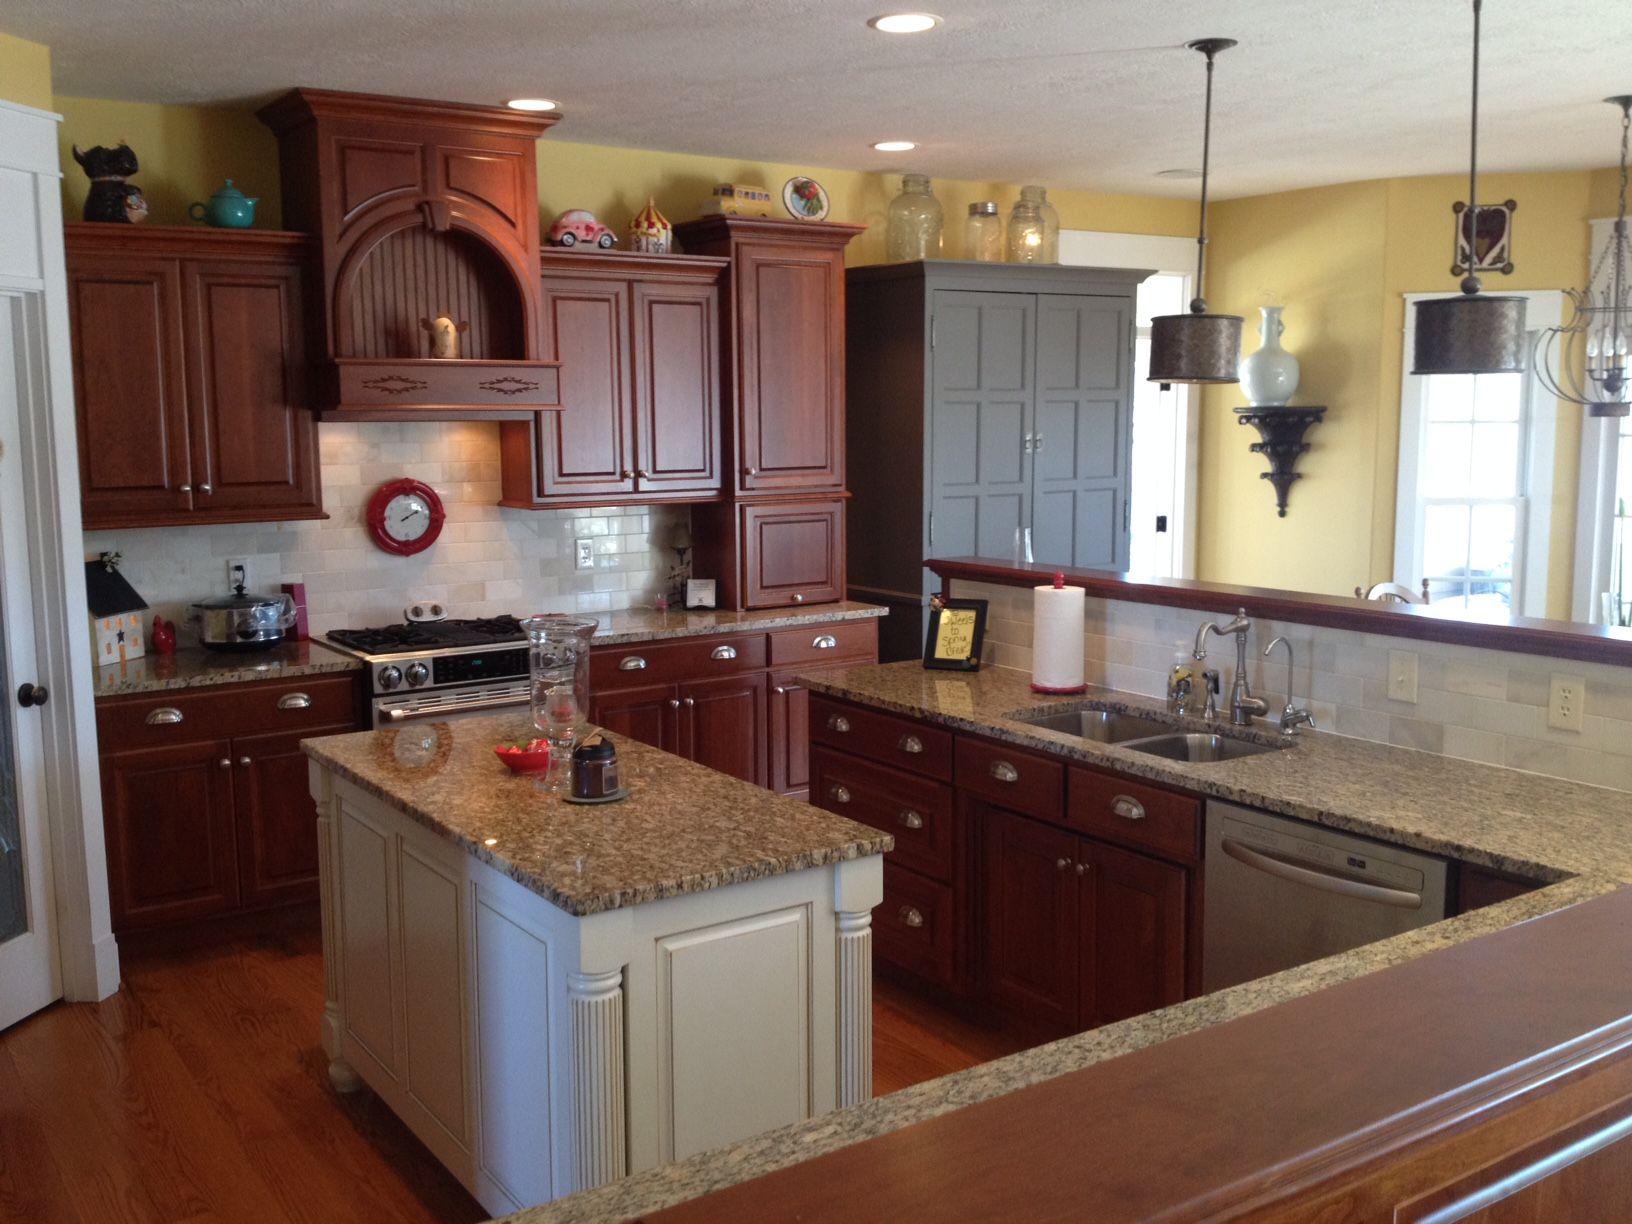 Carmel Builder - Adm Glen Kitchen Full